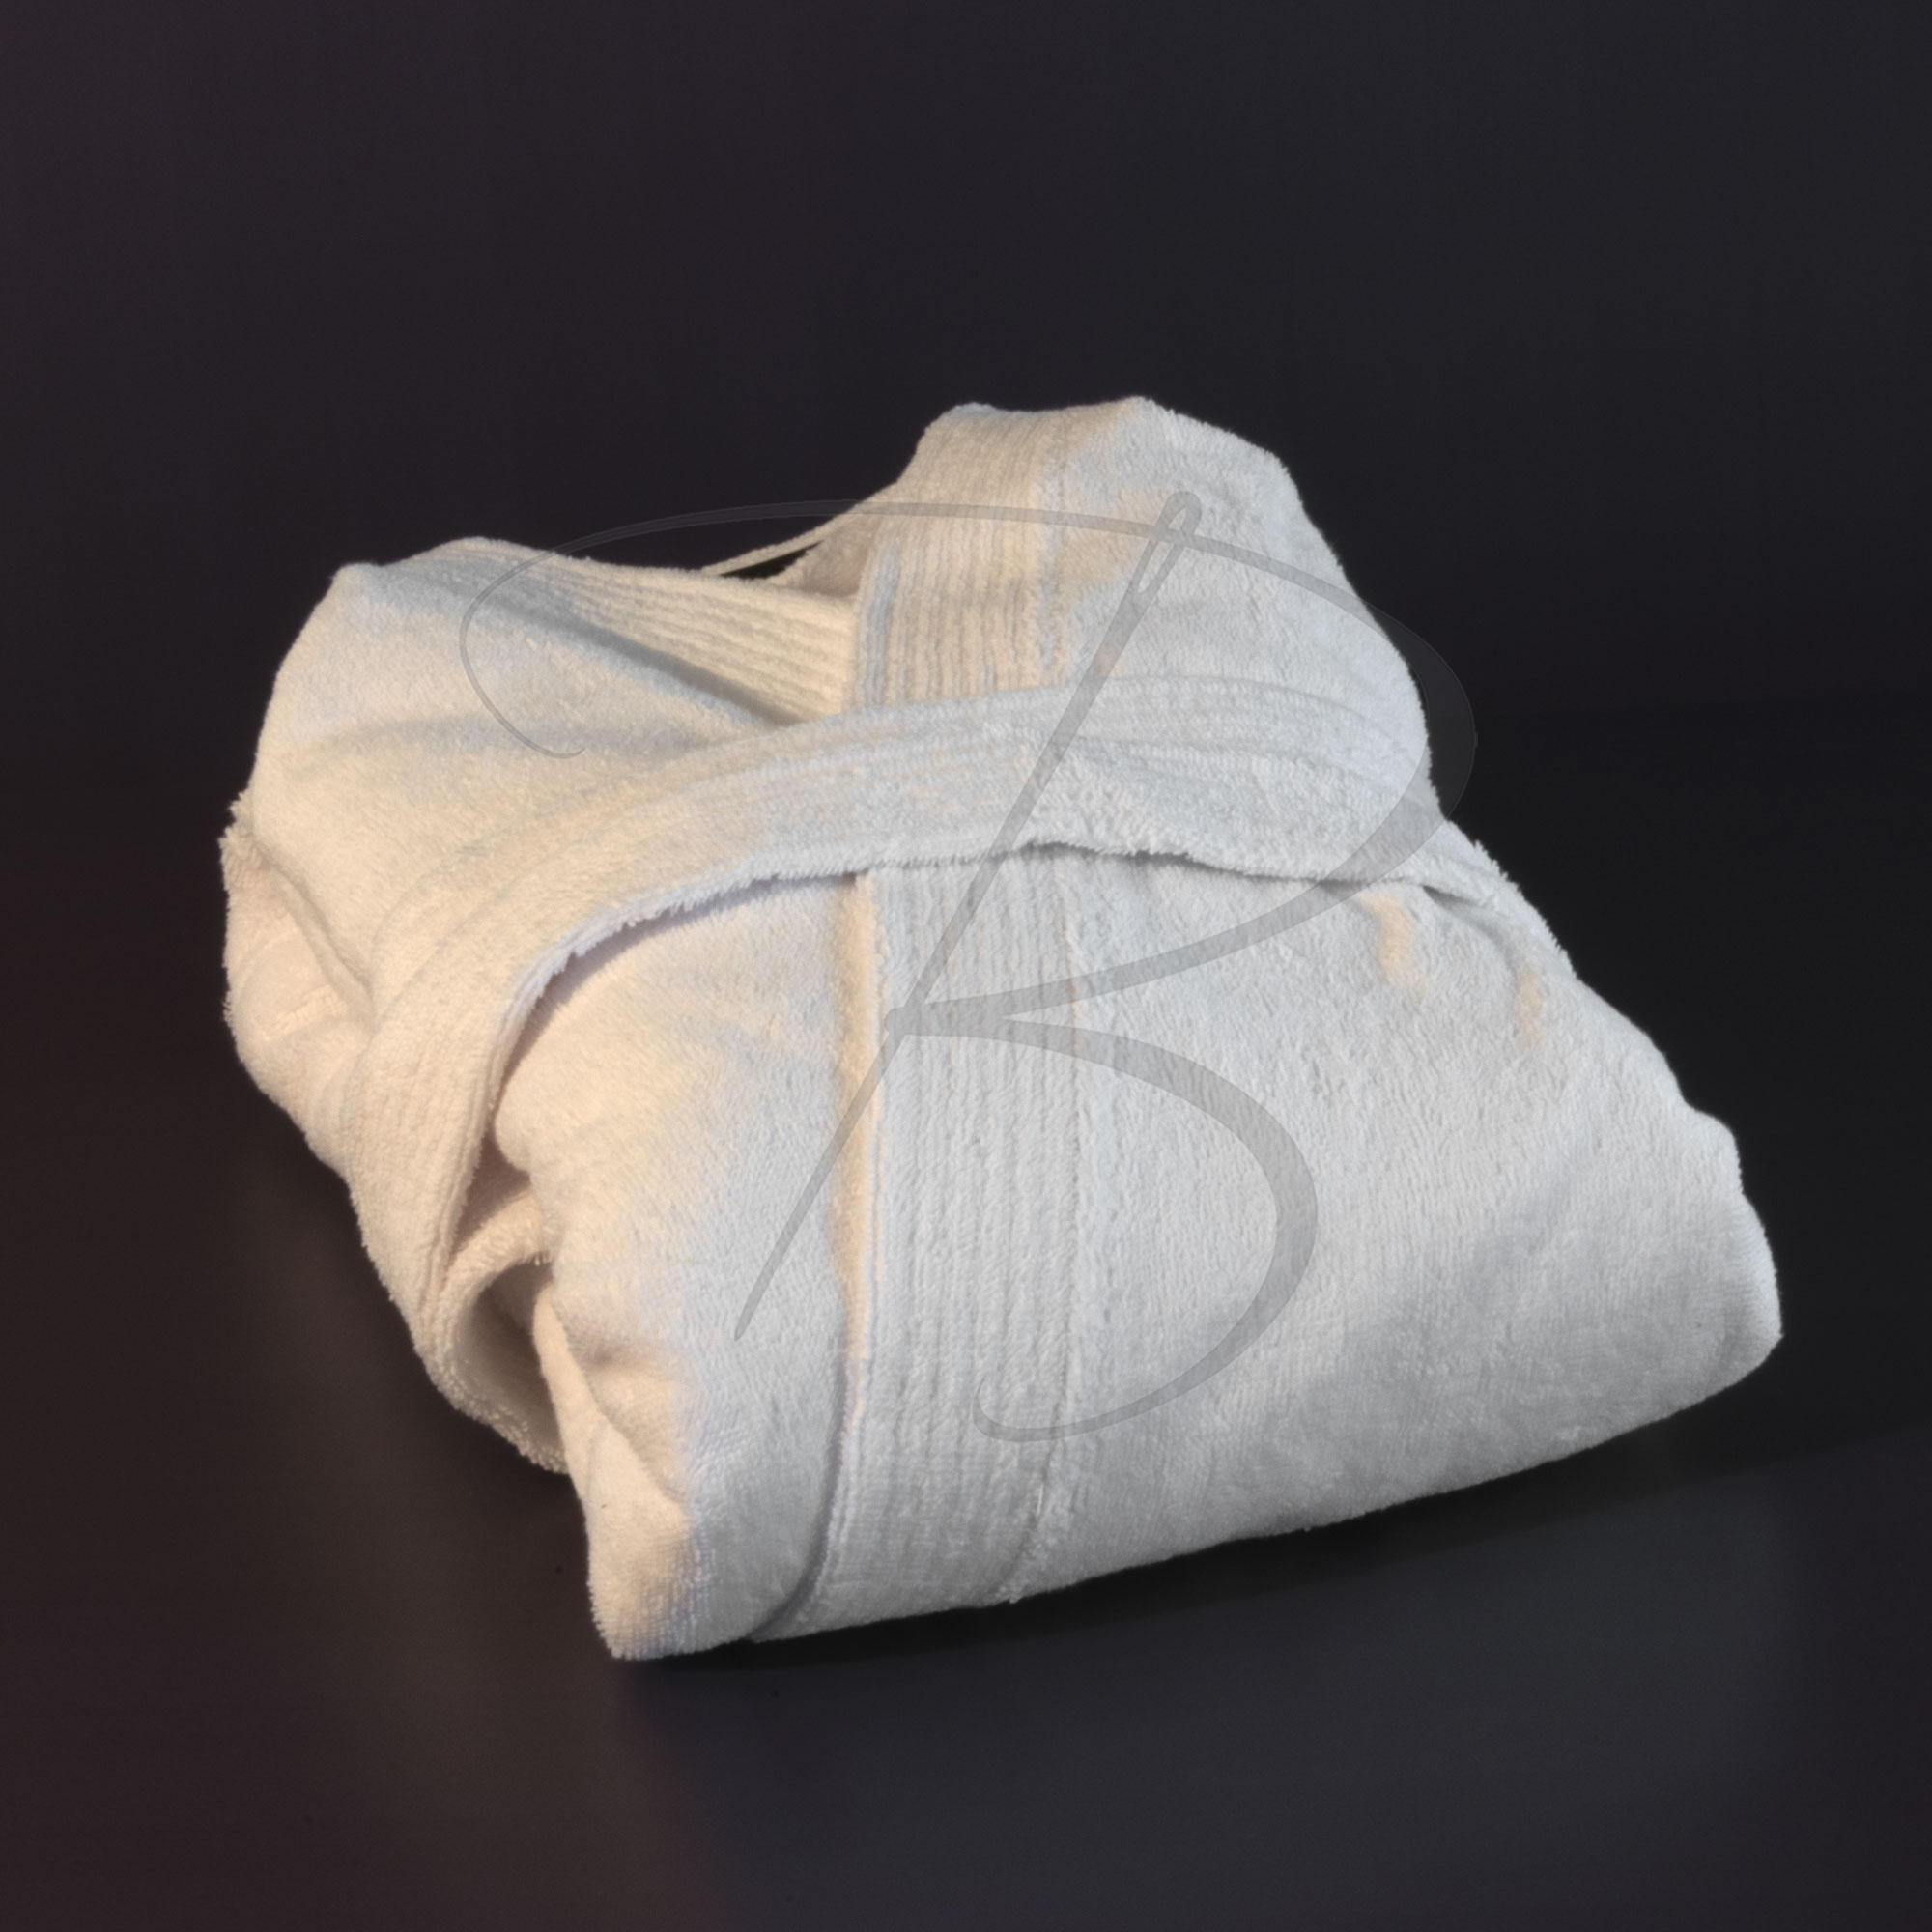 linge-bain-sauna-coton